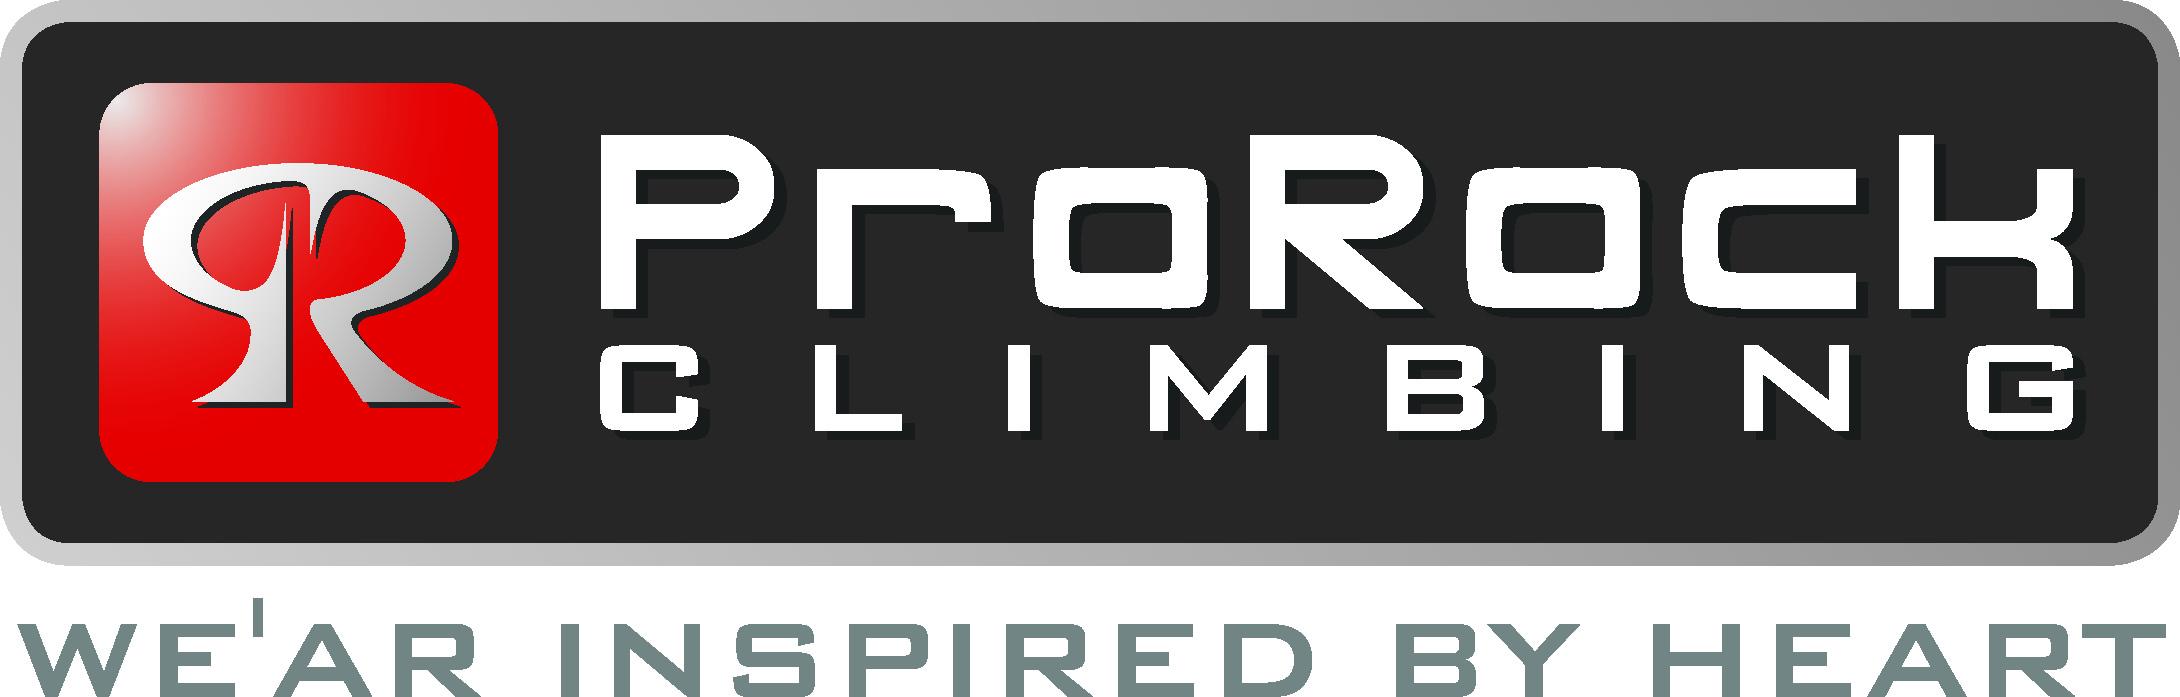 Sklep Prorock Climbing & Yoga Shop oraz marka ProRock Climbing na sprzedaż – biznesowa oferta z rajskiego Kalymnos